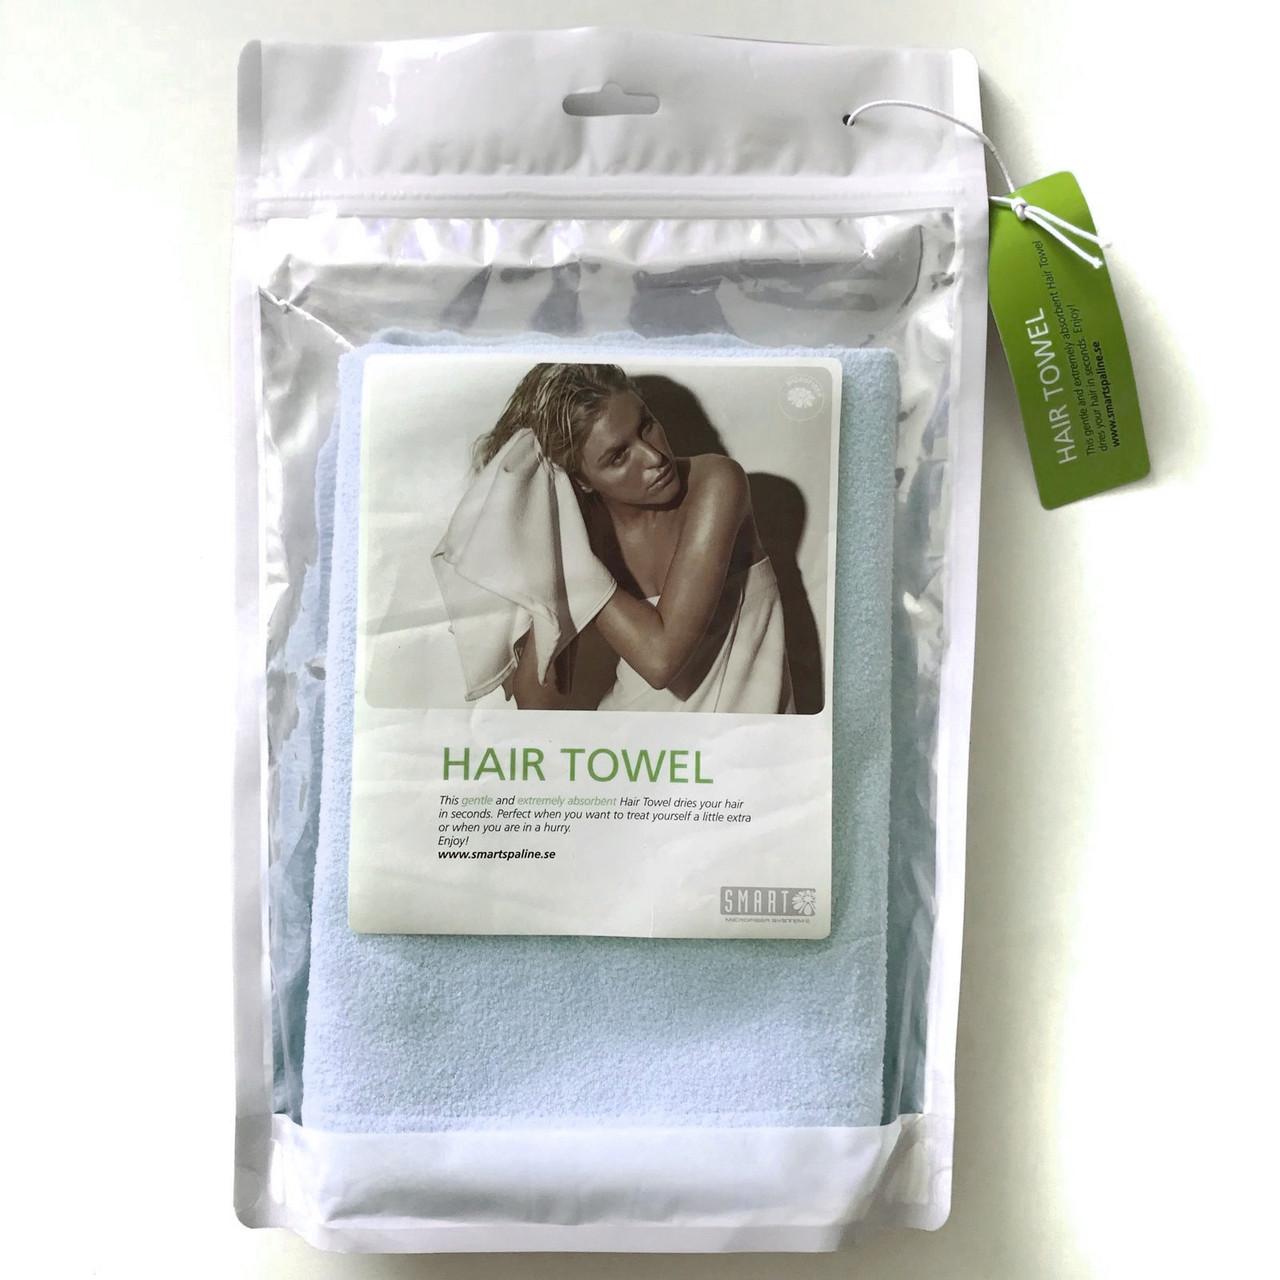 Полотенце для волос из микроволокна,45х100см, голубое (Швеция)